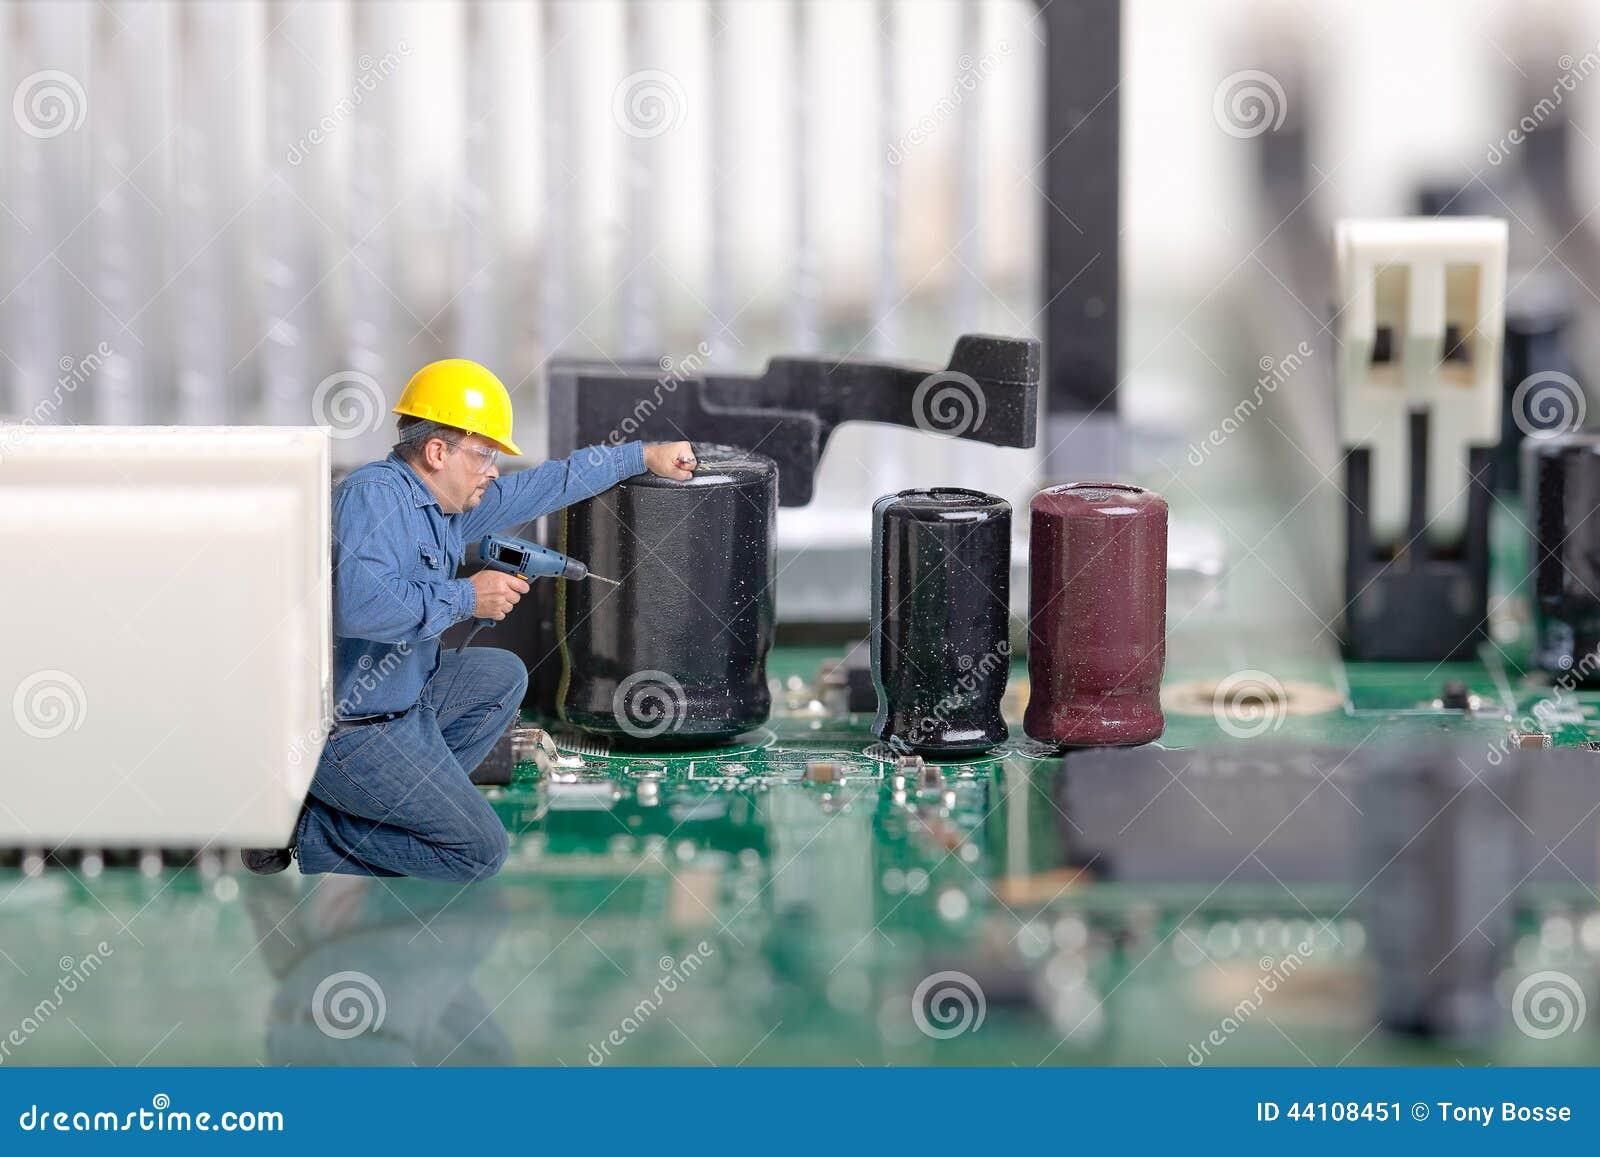 Computador, reparo da eletrônica